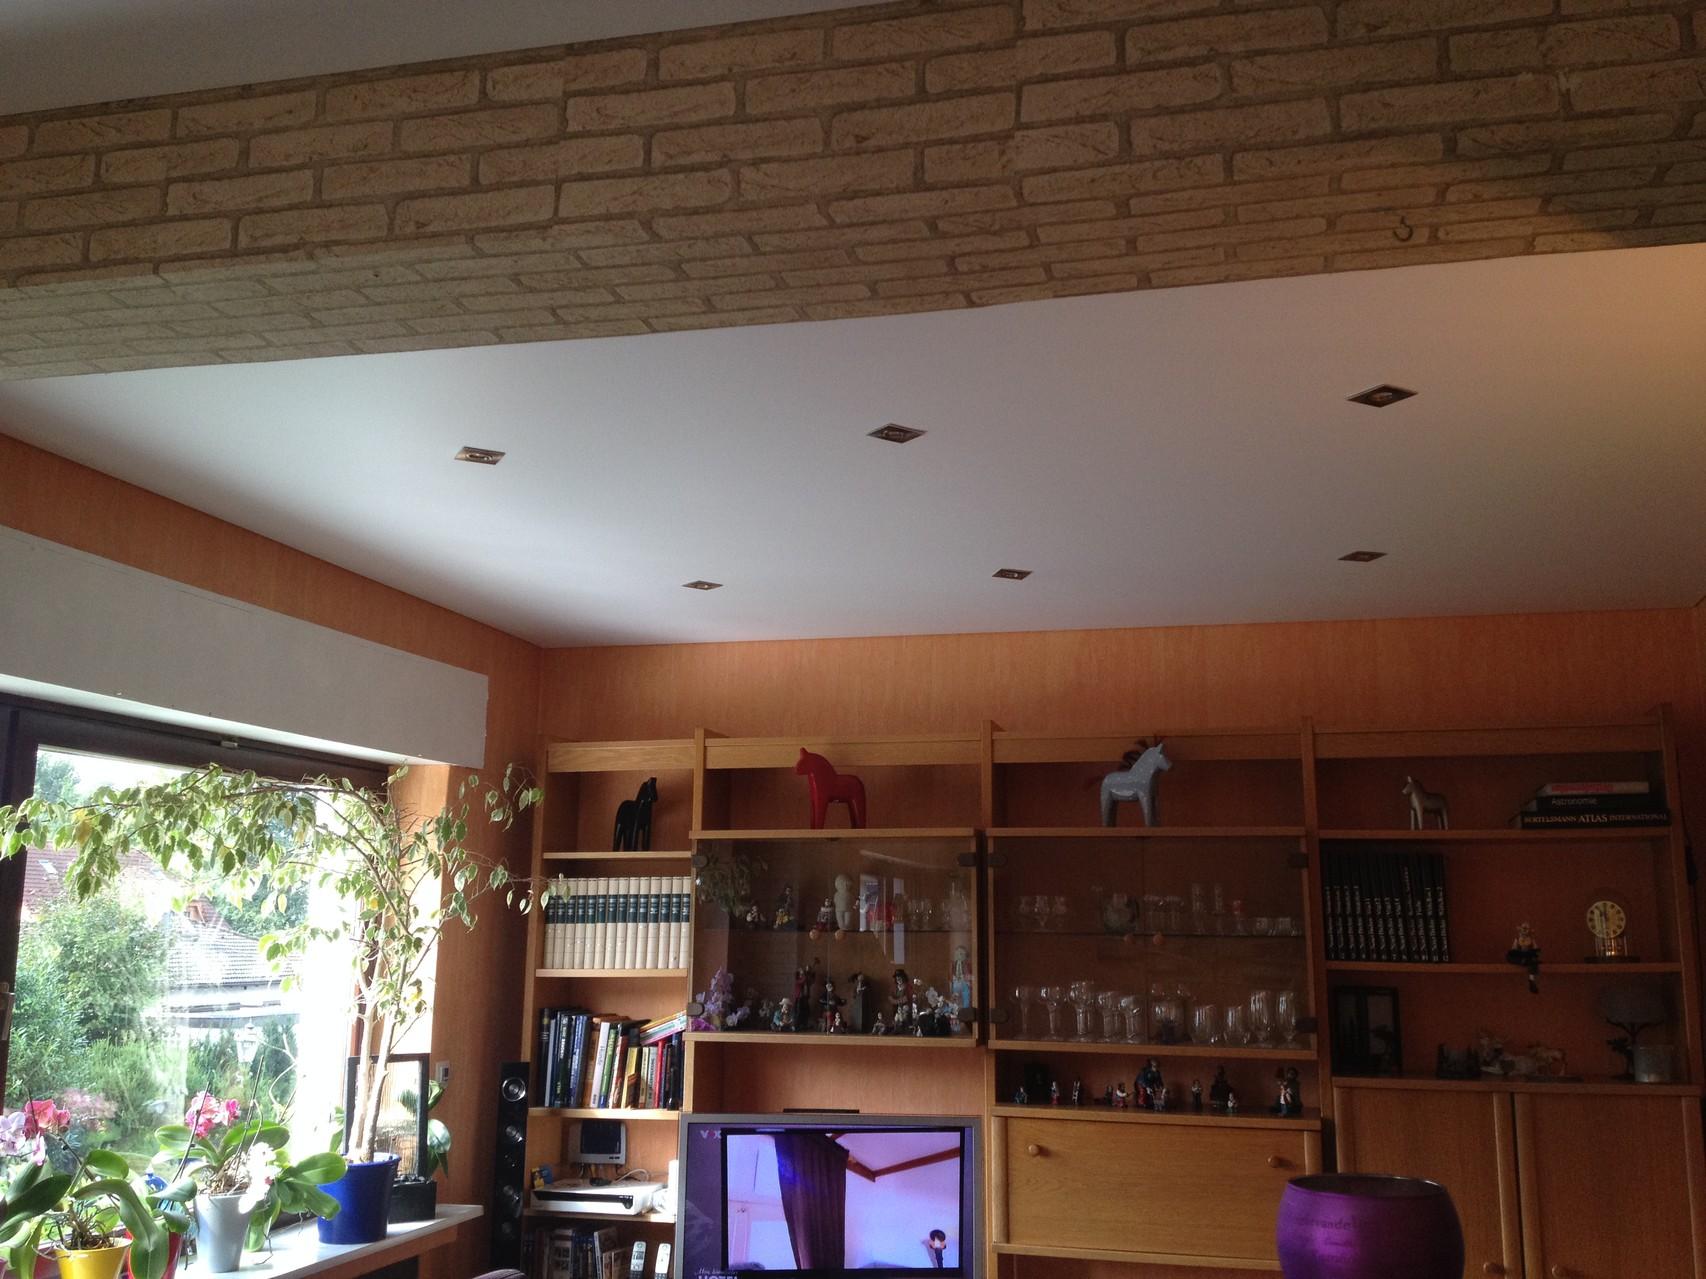 Spanndecke satin Wohnzimmer Holzwickede